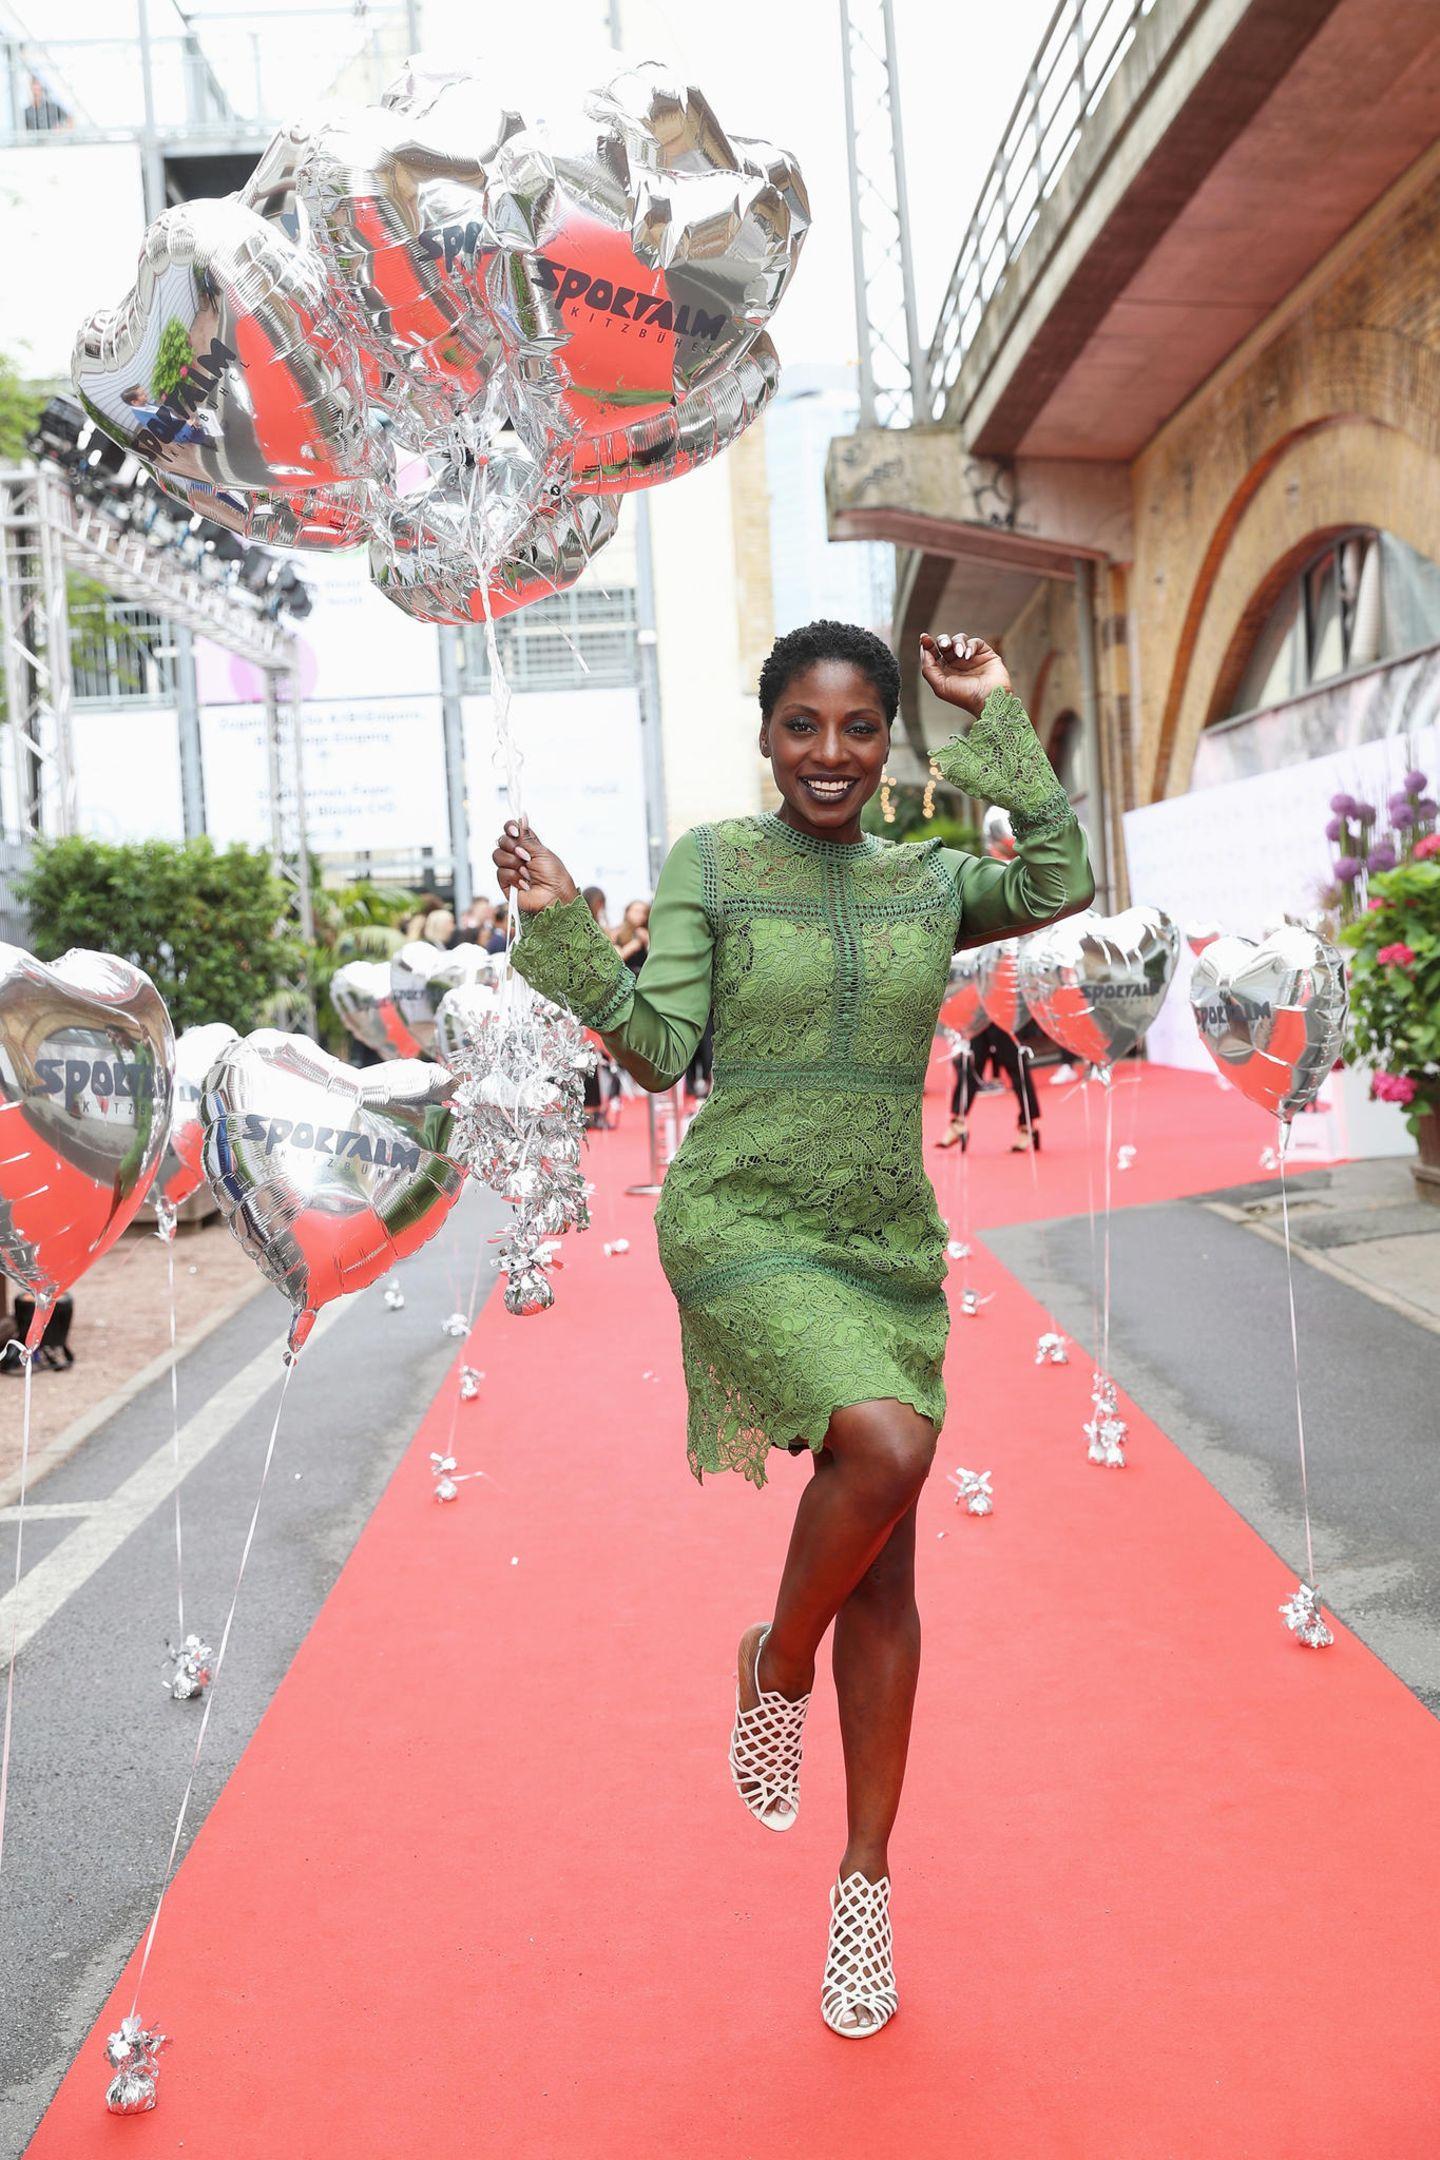 Wie immer bestens gelaubt: Tänzerin Nikeata Thompson bei Sportalm.